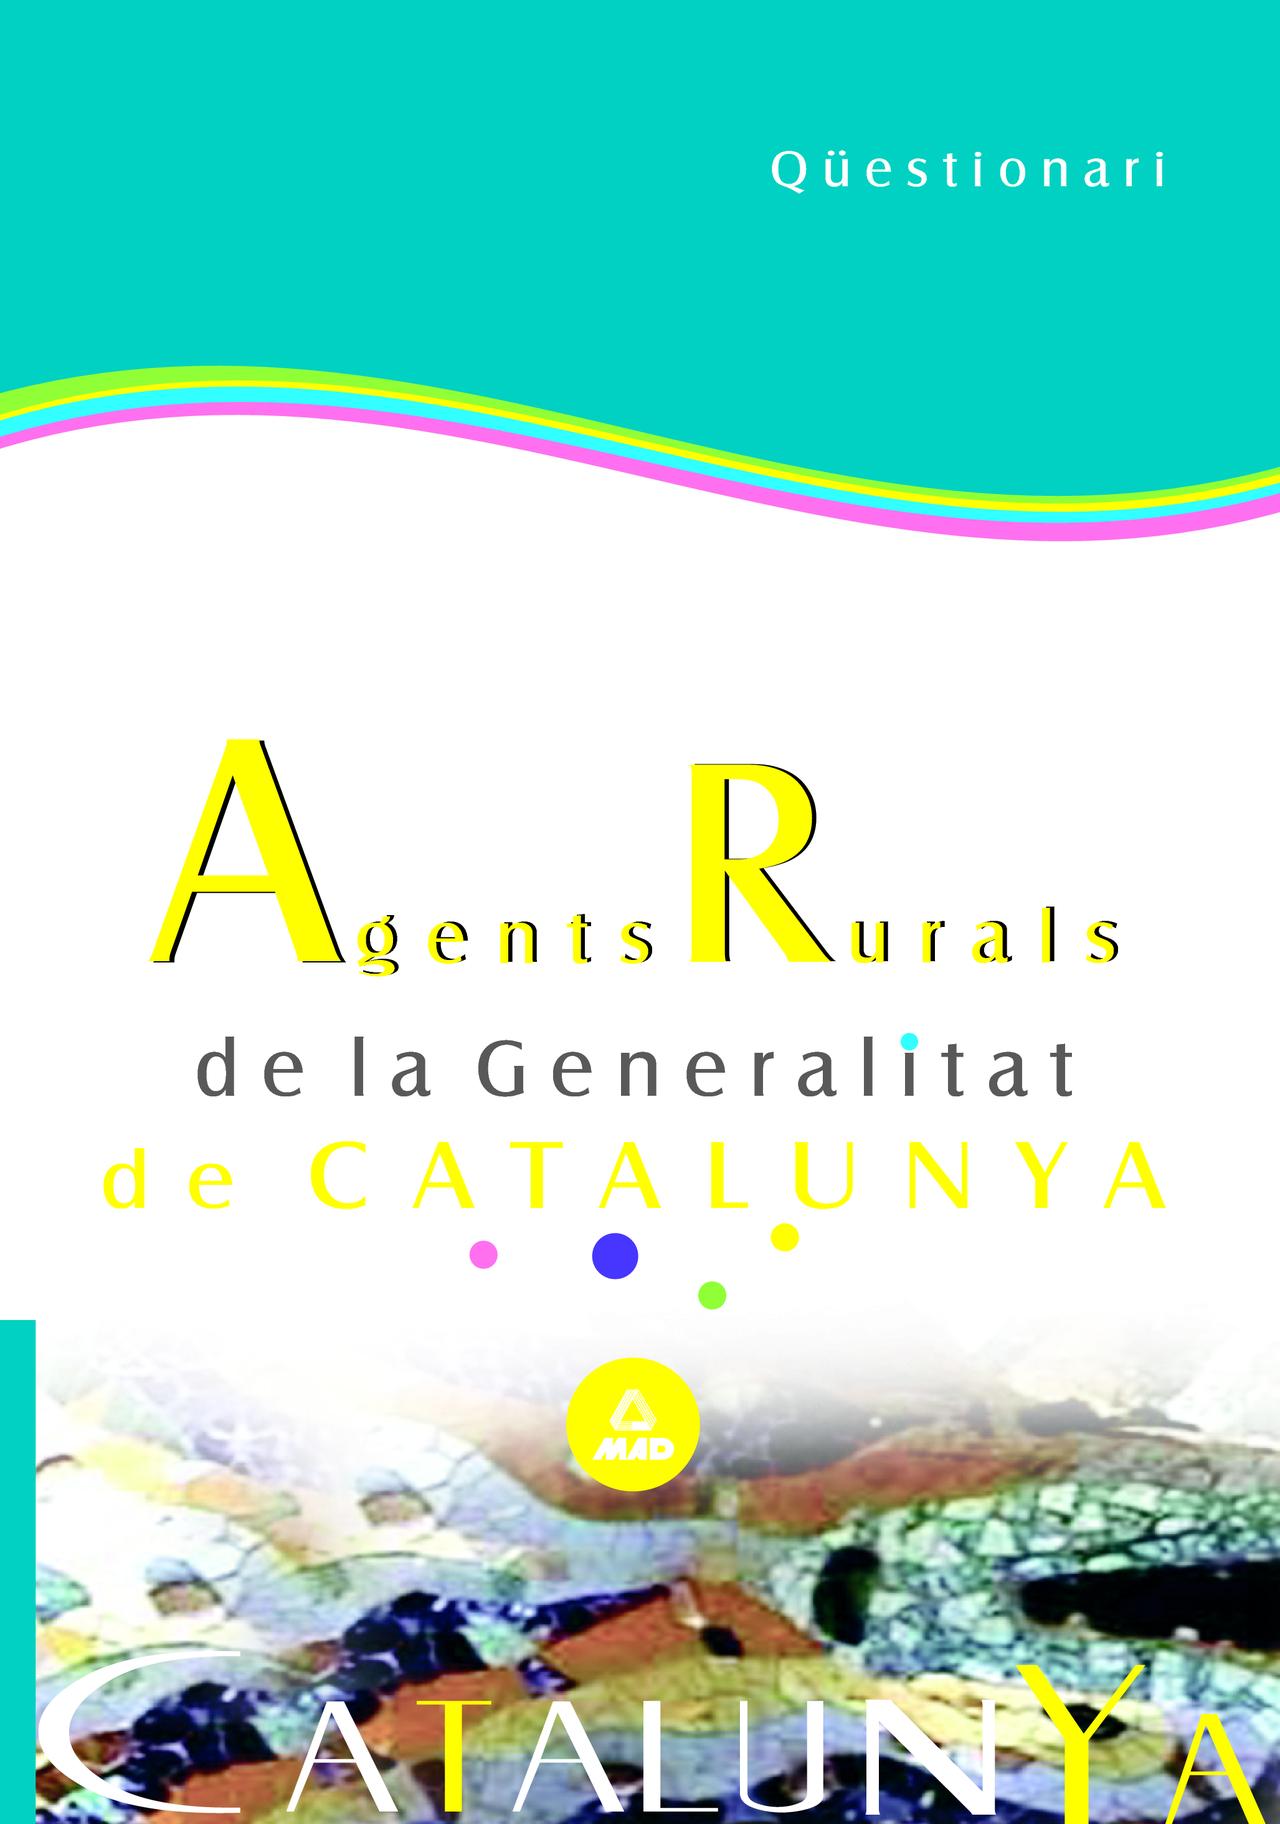 Agents Rurals De La Generalitat De Catalunya. Qüestionari por Vv.aa. Gratis